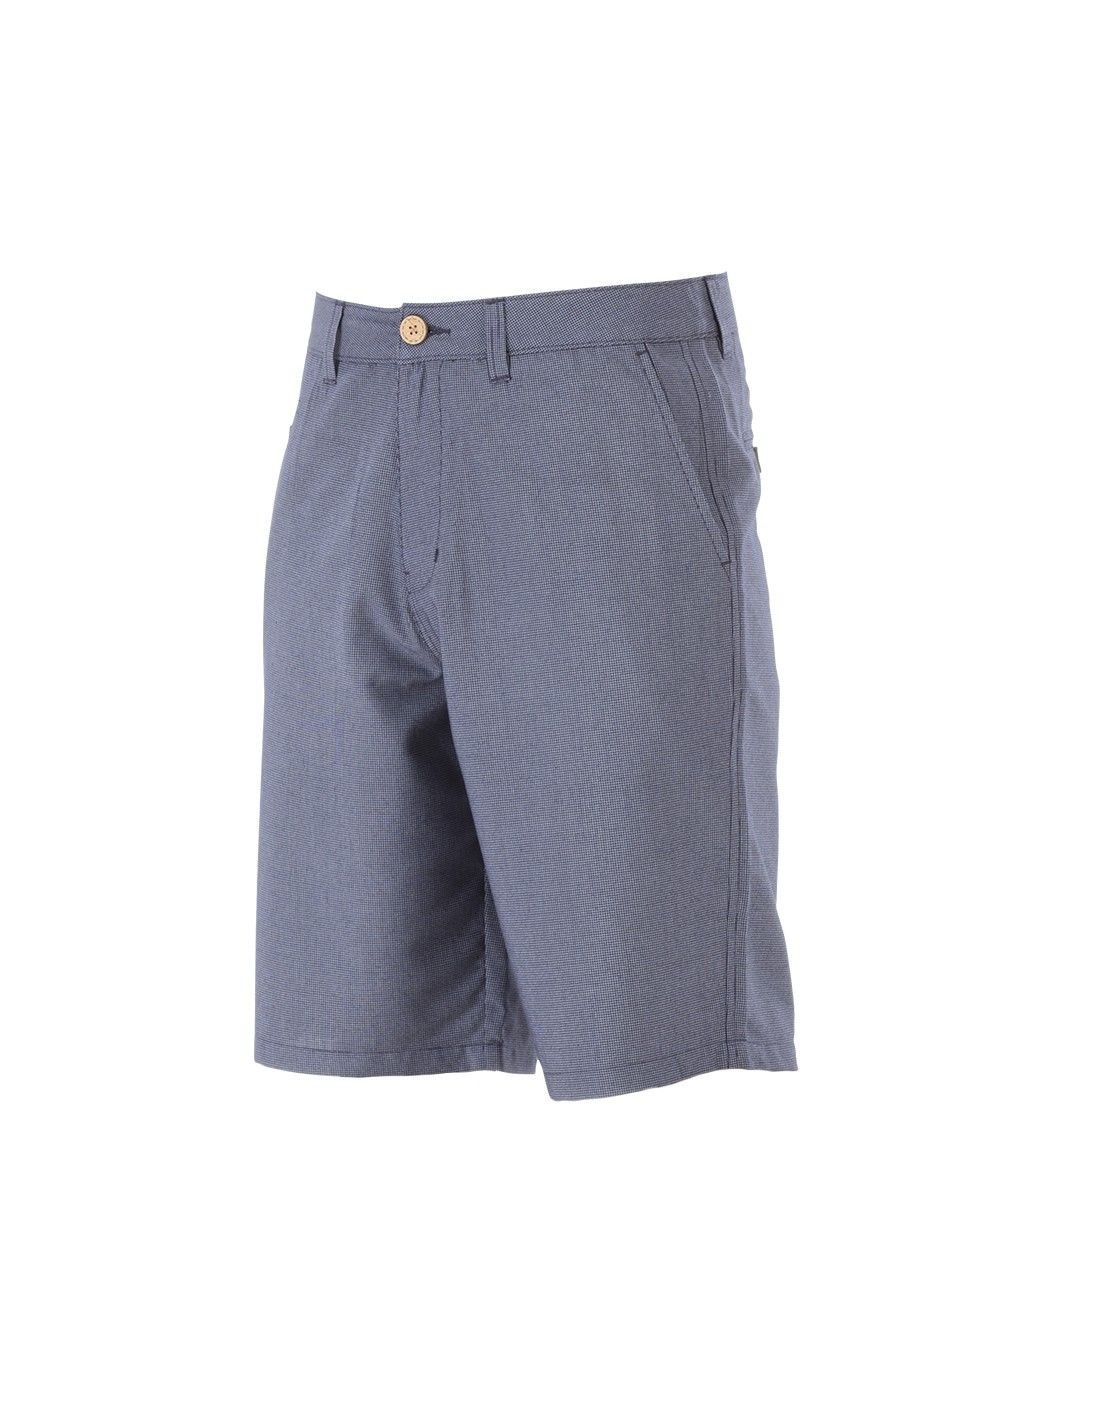 Picture M MOA Shorts | Herren